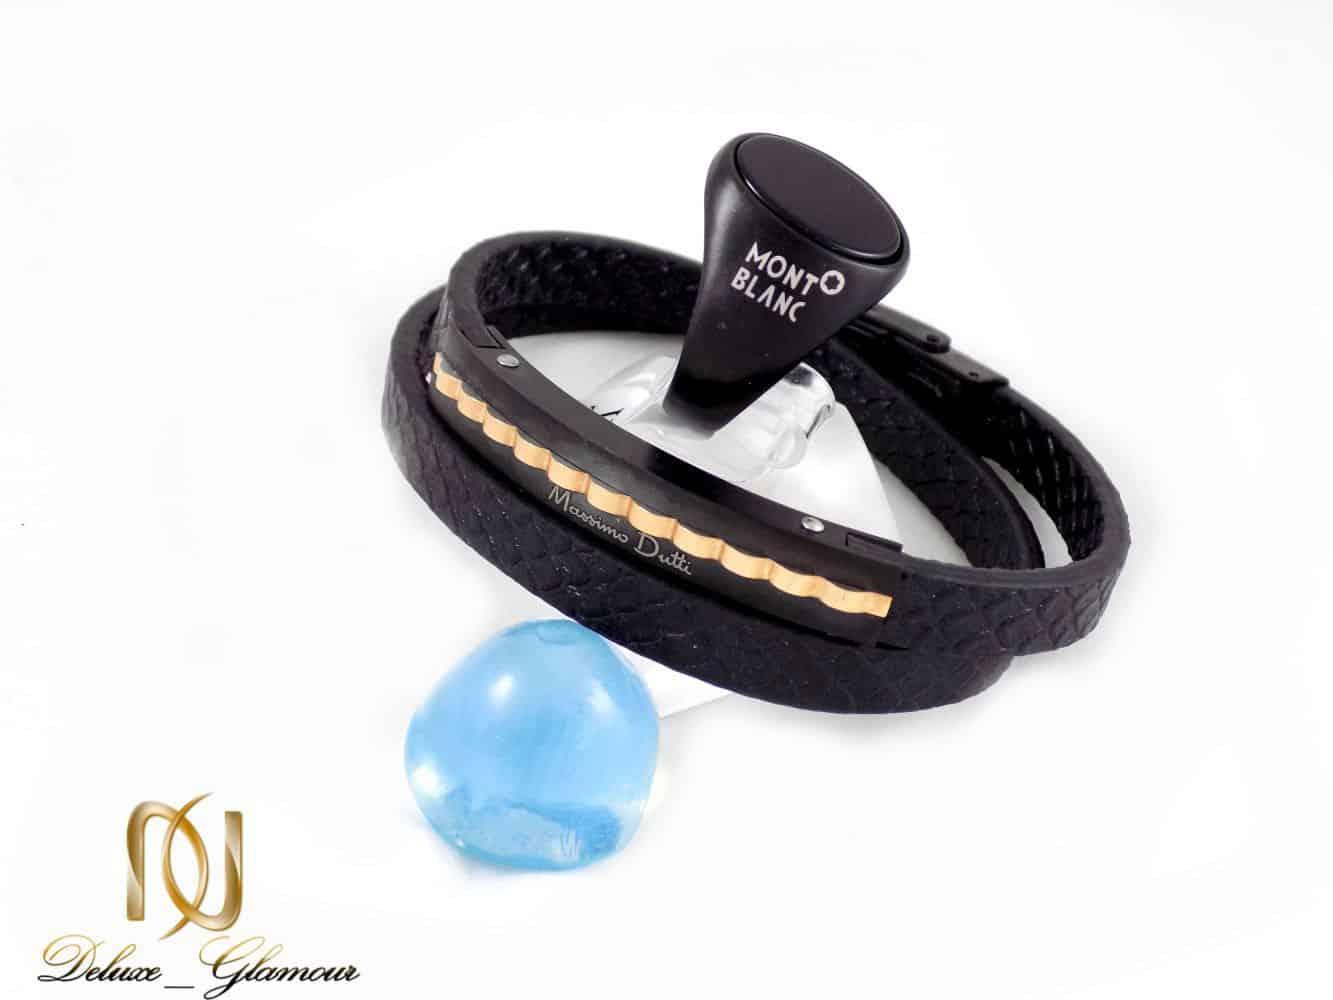 ست دستبند و انگشتر مردانه مونت بلانک و massimo dutti مشکی gl-s106 از نمای بالا